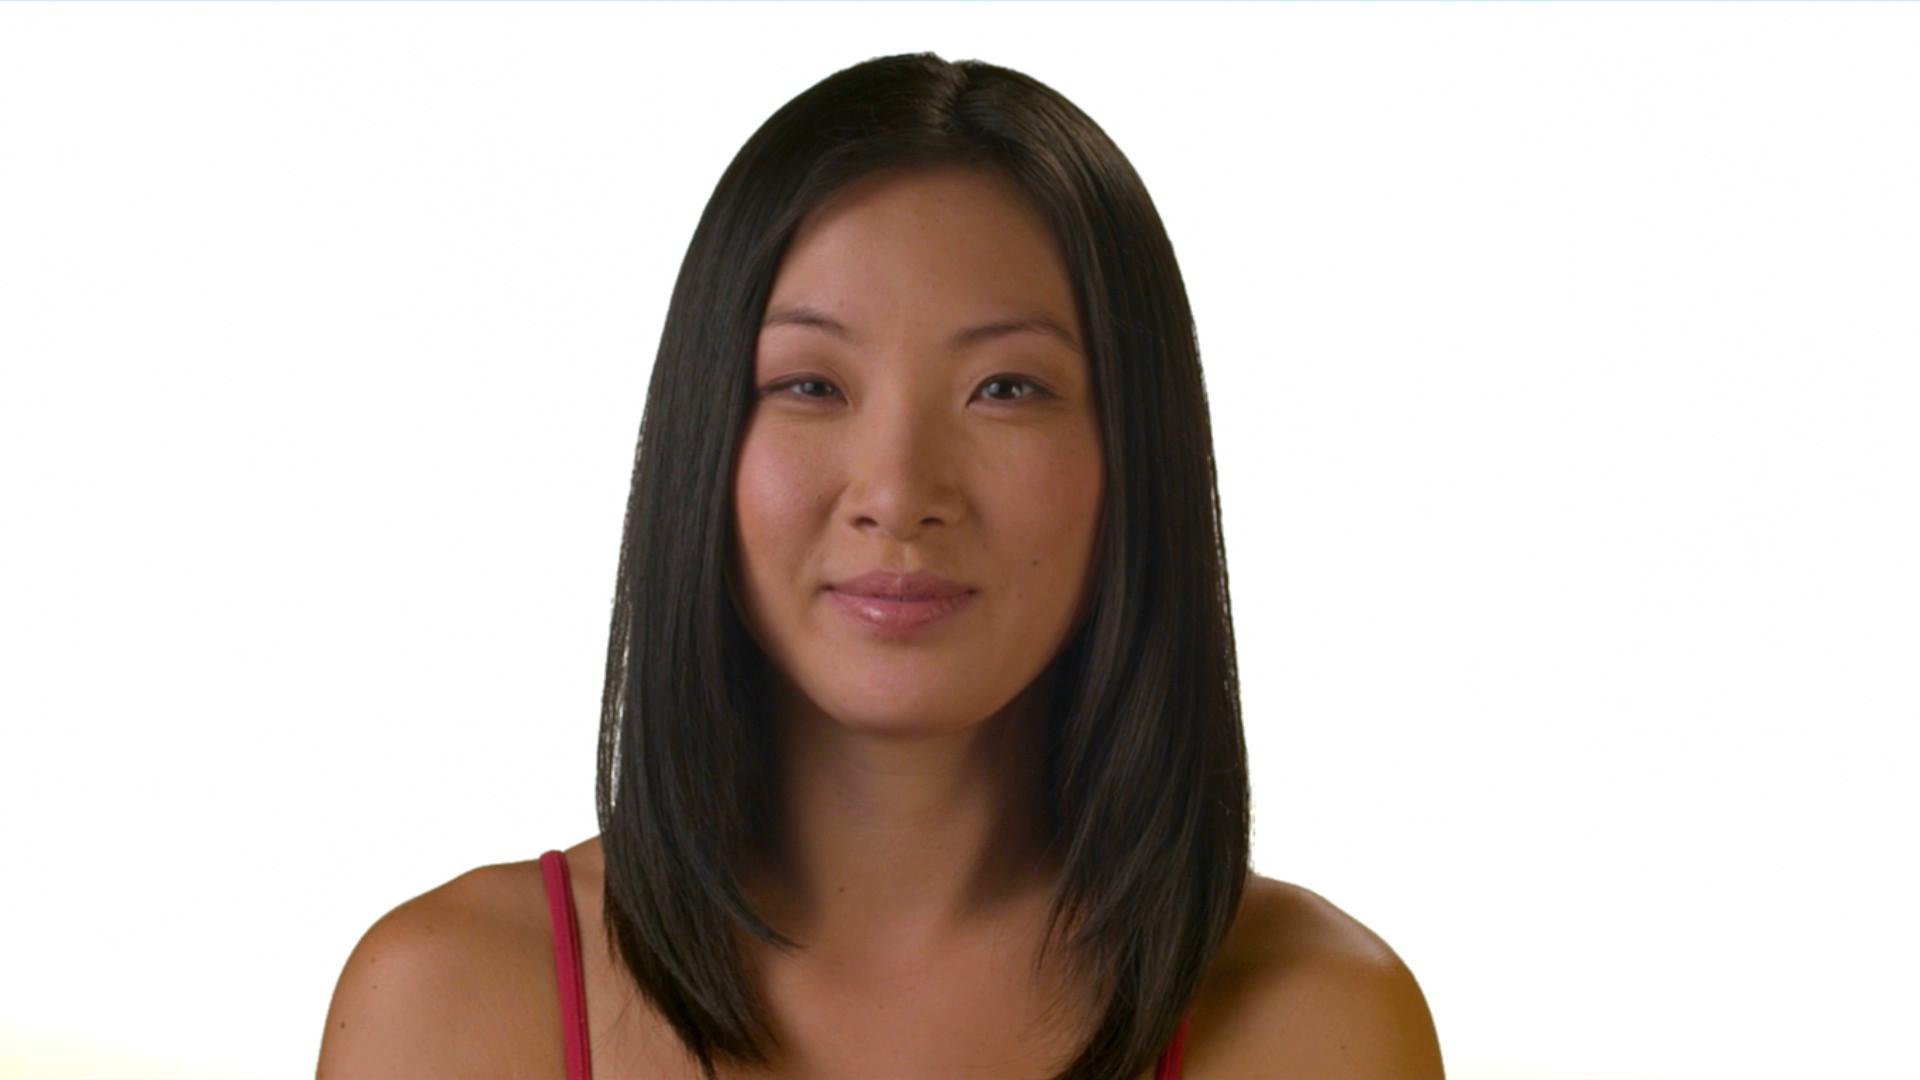 人物表情脸部特写高清实拍视频素材